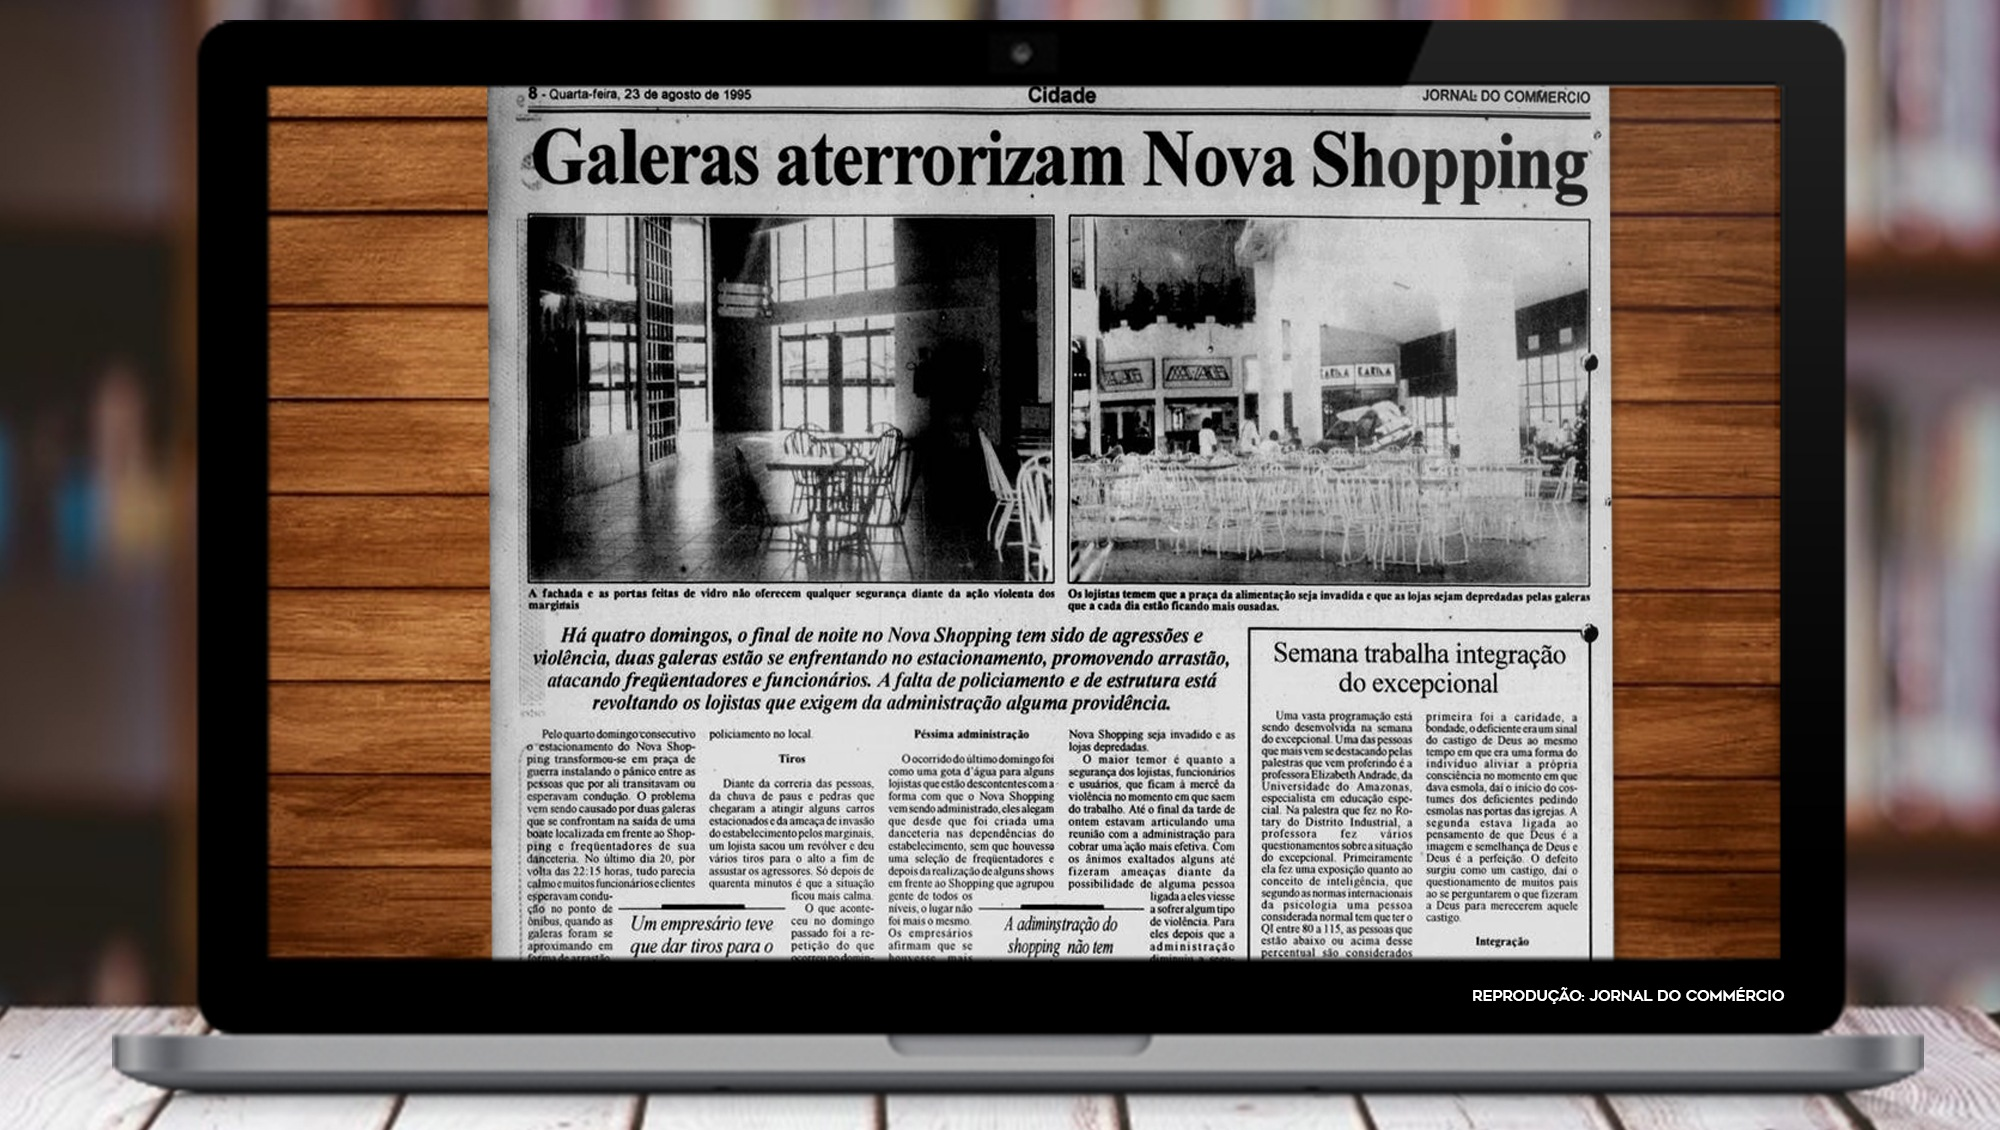 Galeras Aterrorizam Nova Shopping / Reprodução Jornal do Comércio